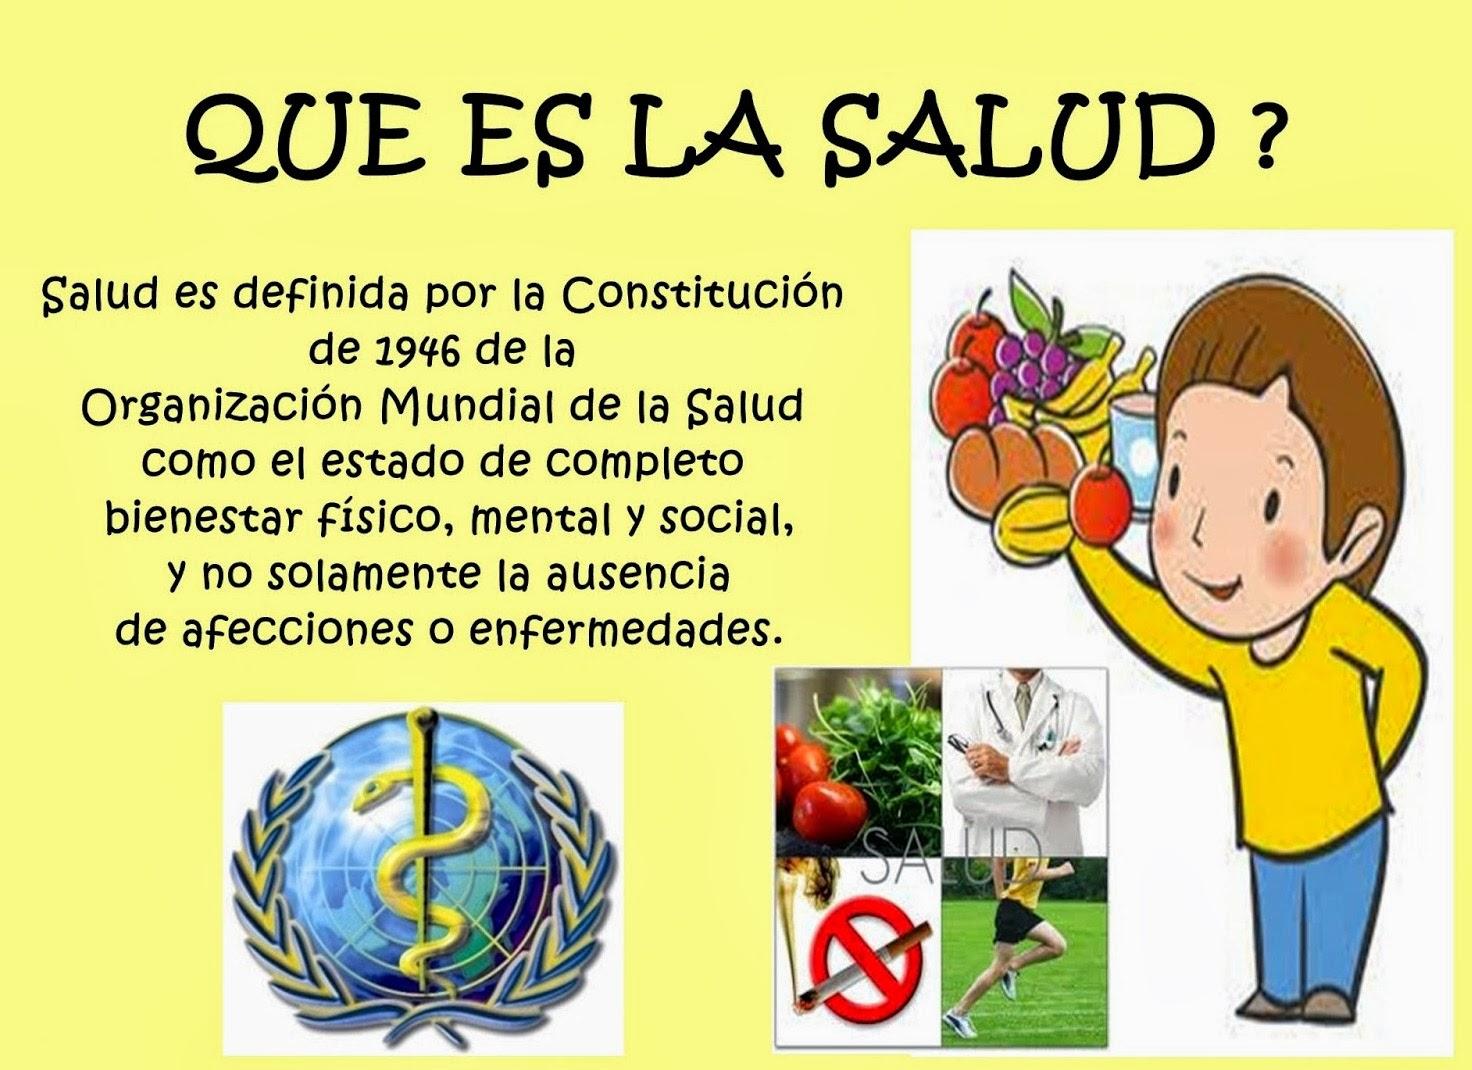 2014 U00a1Ahora En Segundo 7 DE ABRIL DIA MUNDIAL DE LA SALUD